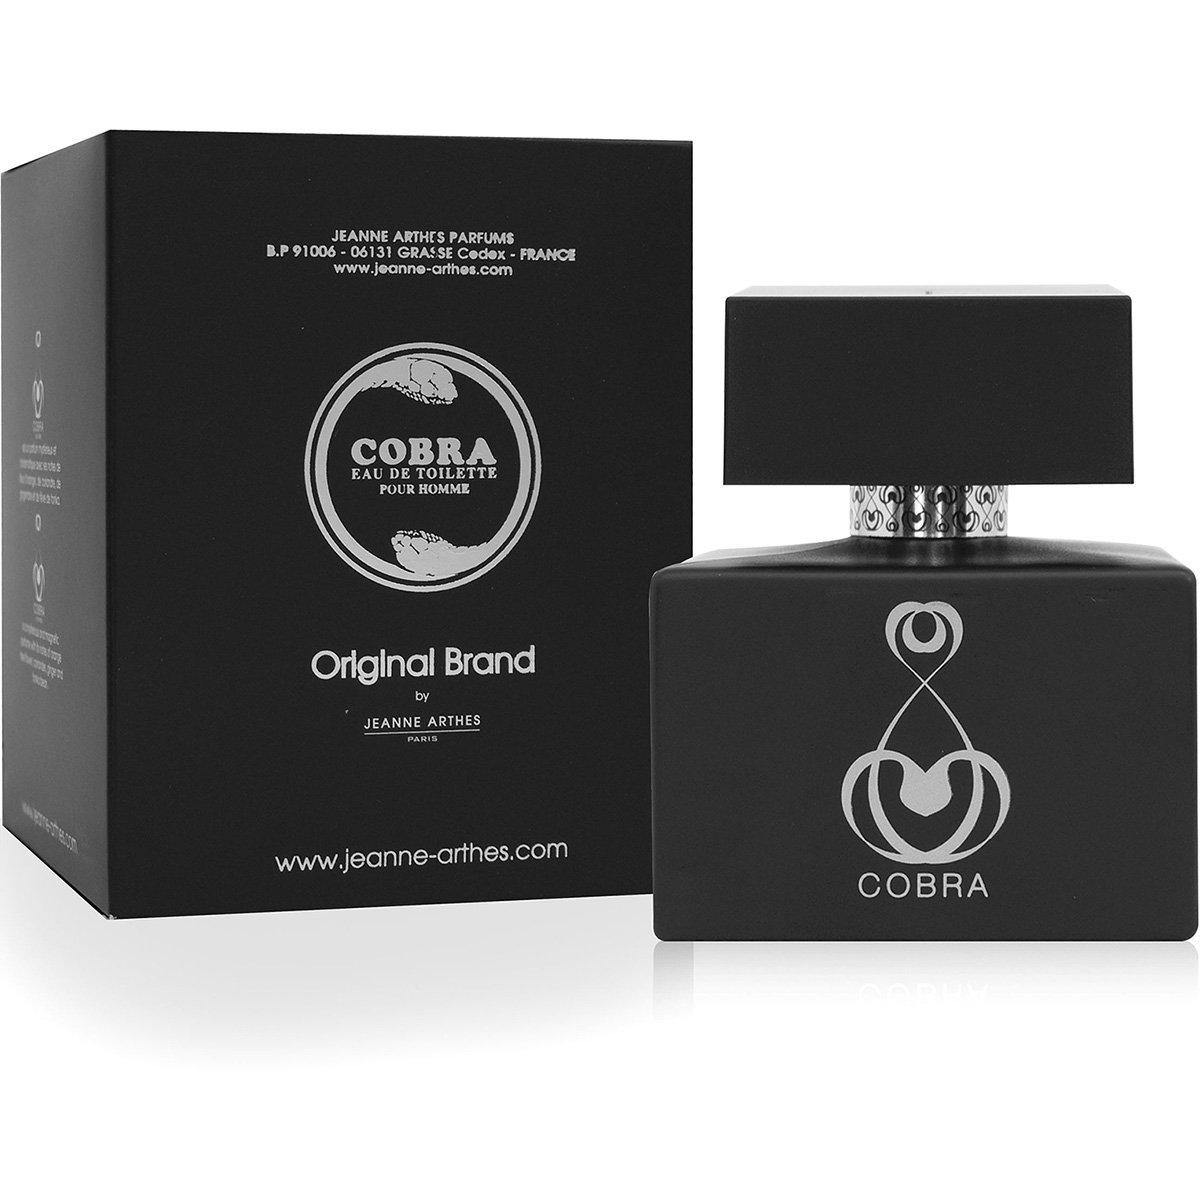 Busca Pontos Livelo Jeanne Arthes Amore Mio Forever For Women Edp 100 Ml Perfume Cobra Men Masculino Edt 100ml